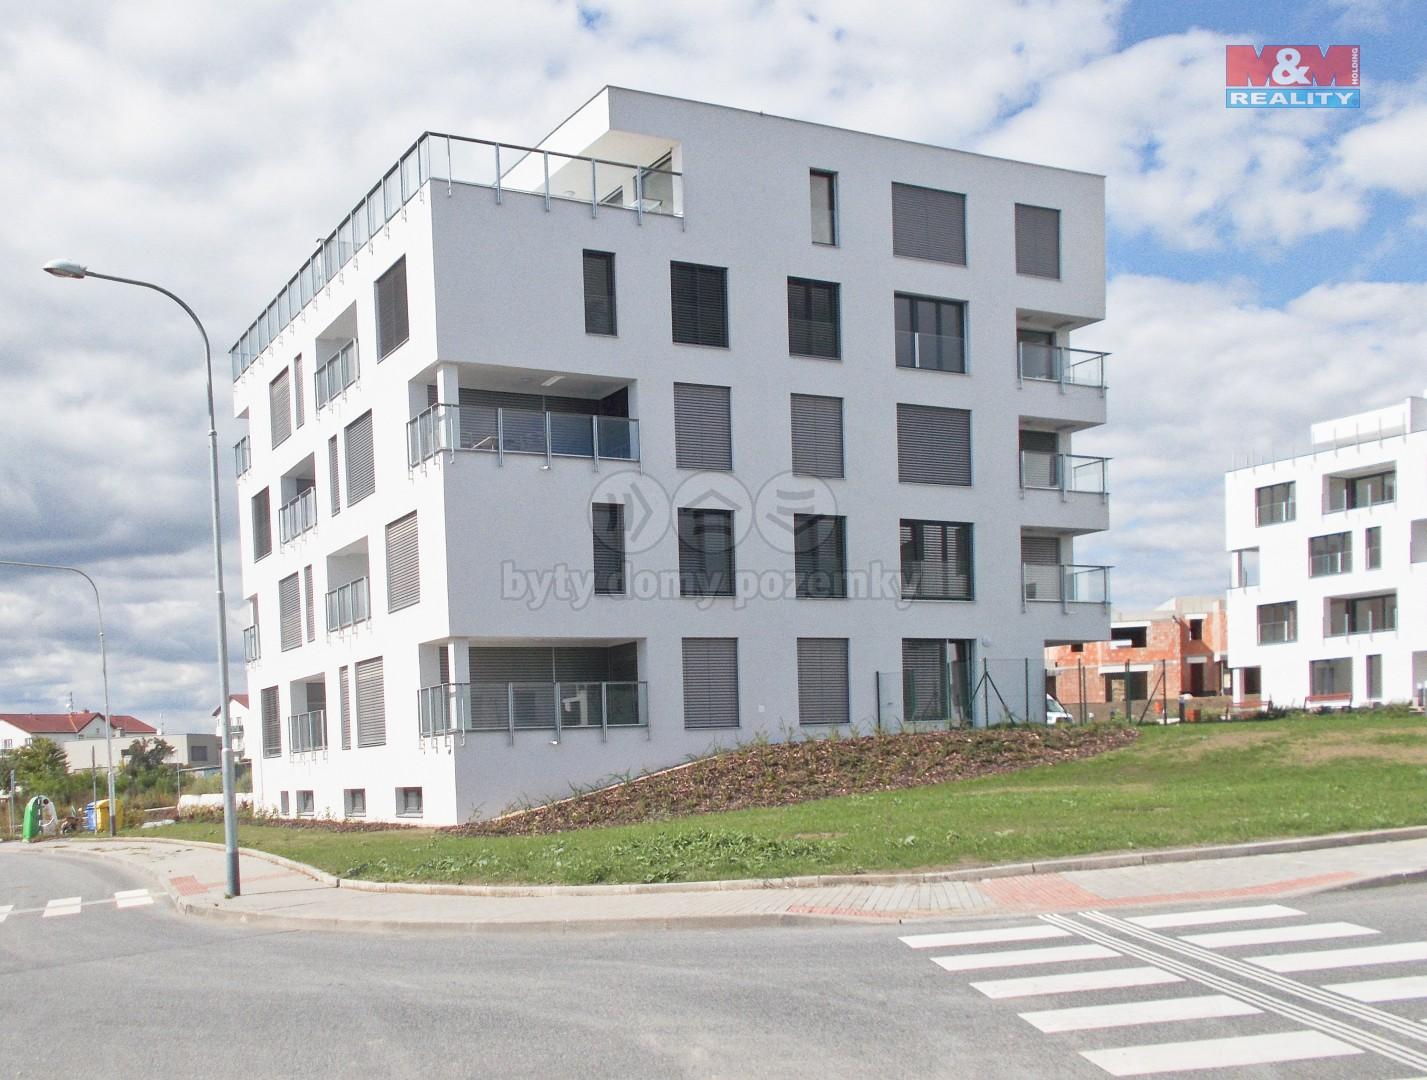 Prodej, byt 3+kk, Brno - Sadová